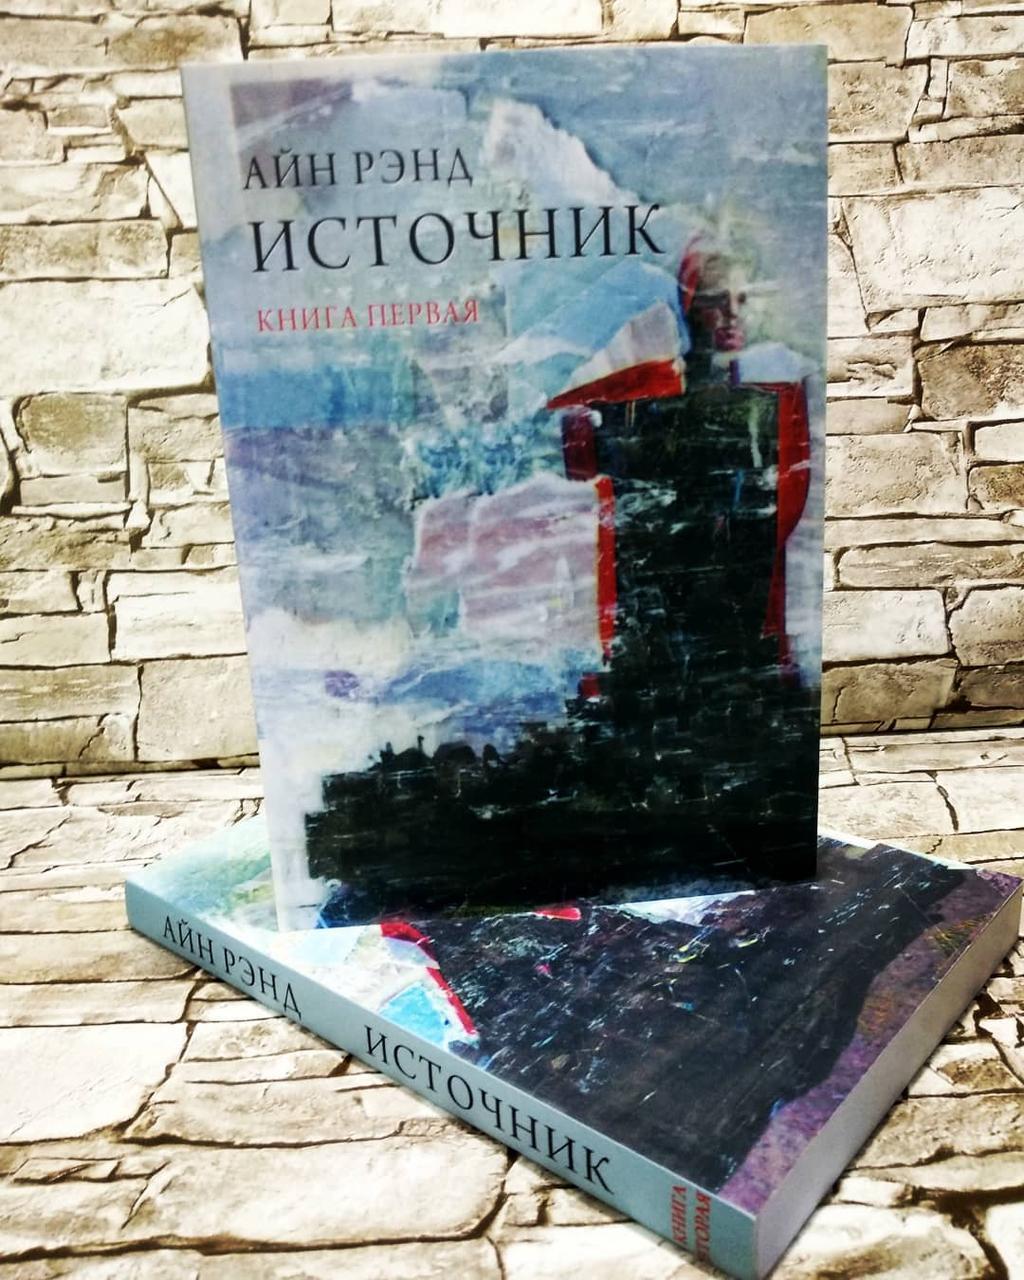 """Книга """"Источник"""" Айн Рэнд (2 книги) мягкий переплет"""